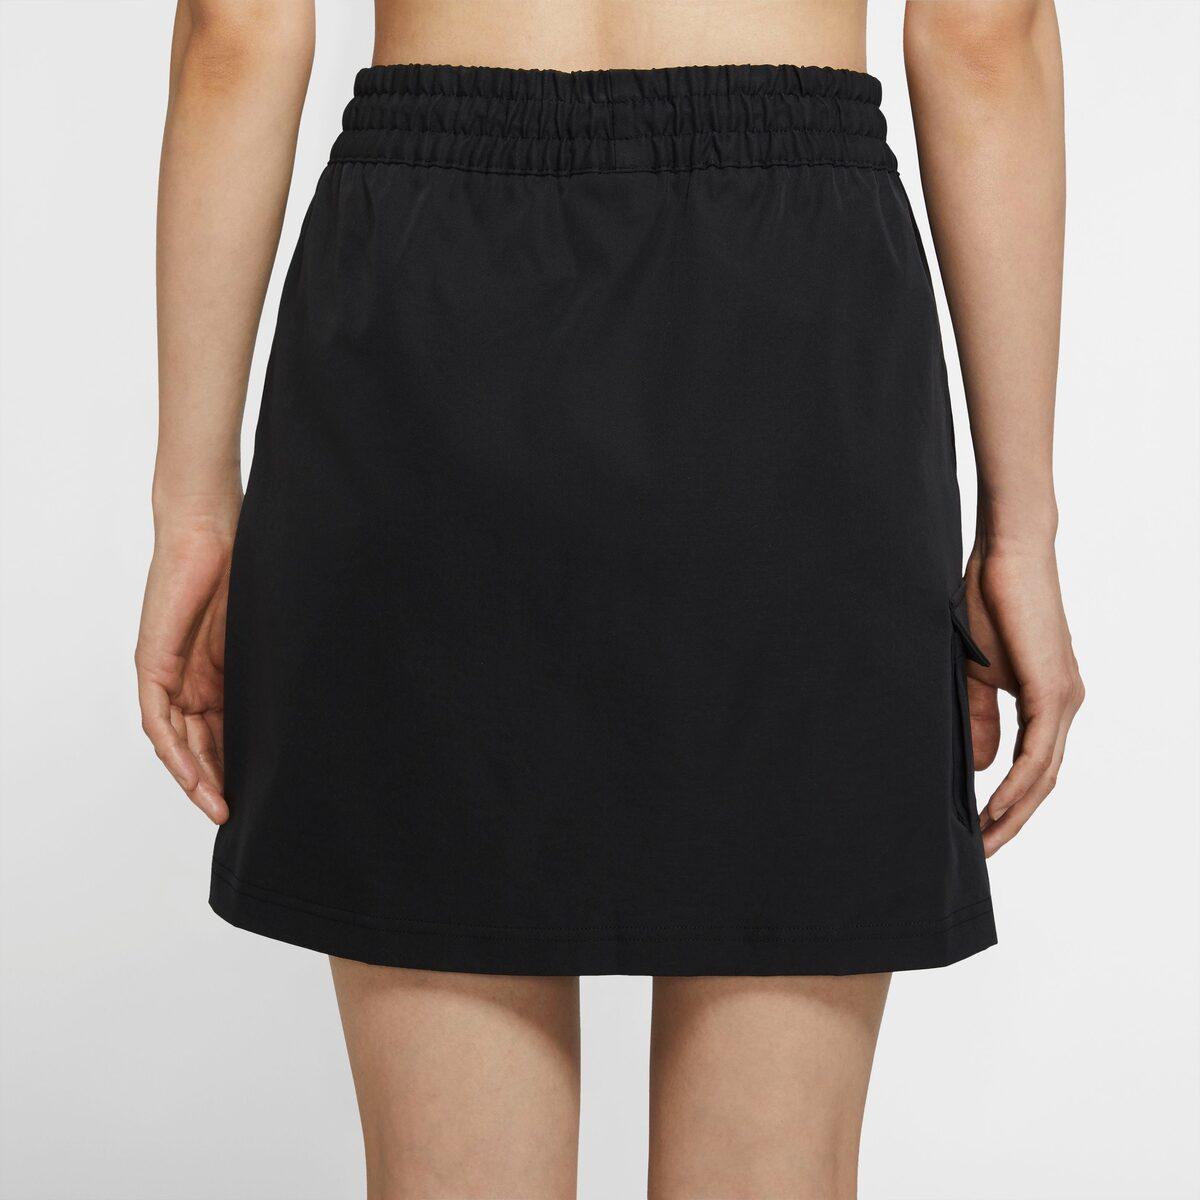 Bild 1 von Nike Sportswear Minirock »Nike Sportswear Swoosh Women's Skirt«